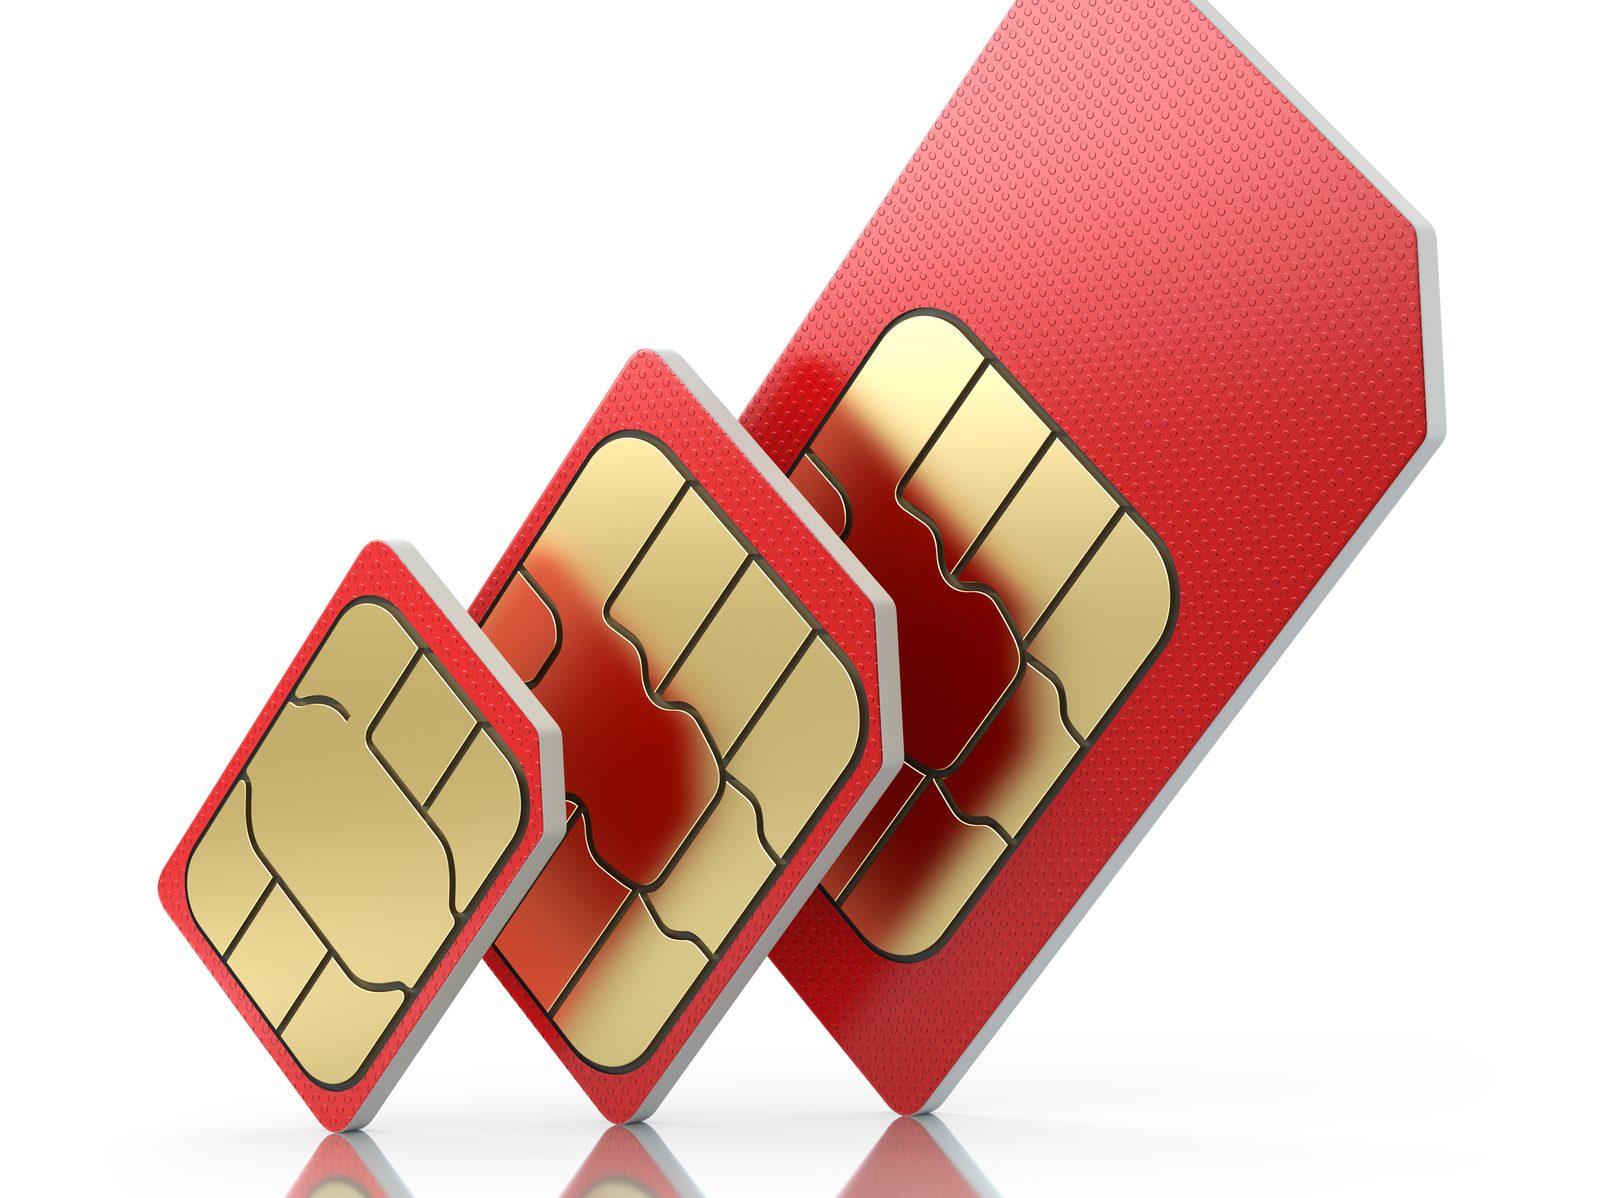 口座振替ができる格安SIM会社を徹底比較!クレジットカードなしでOK